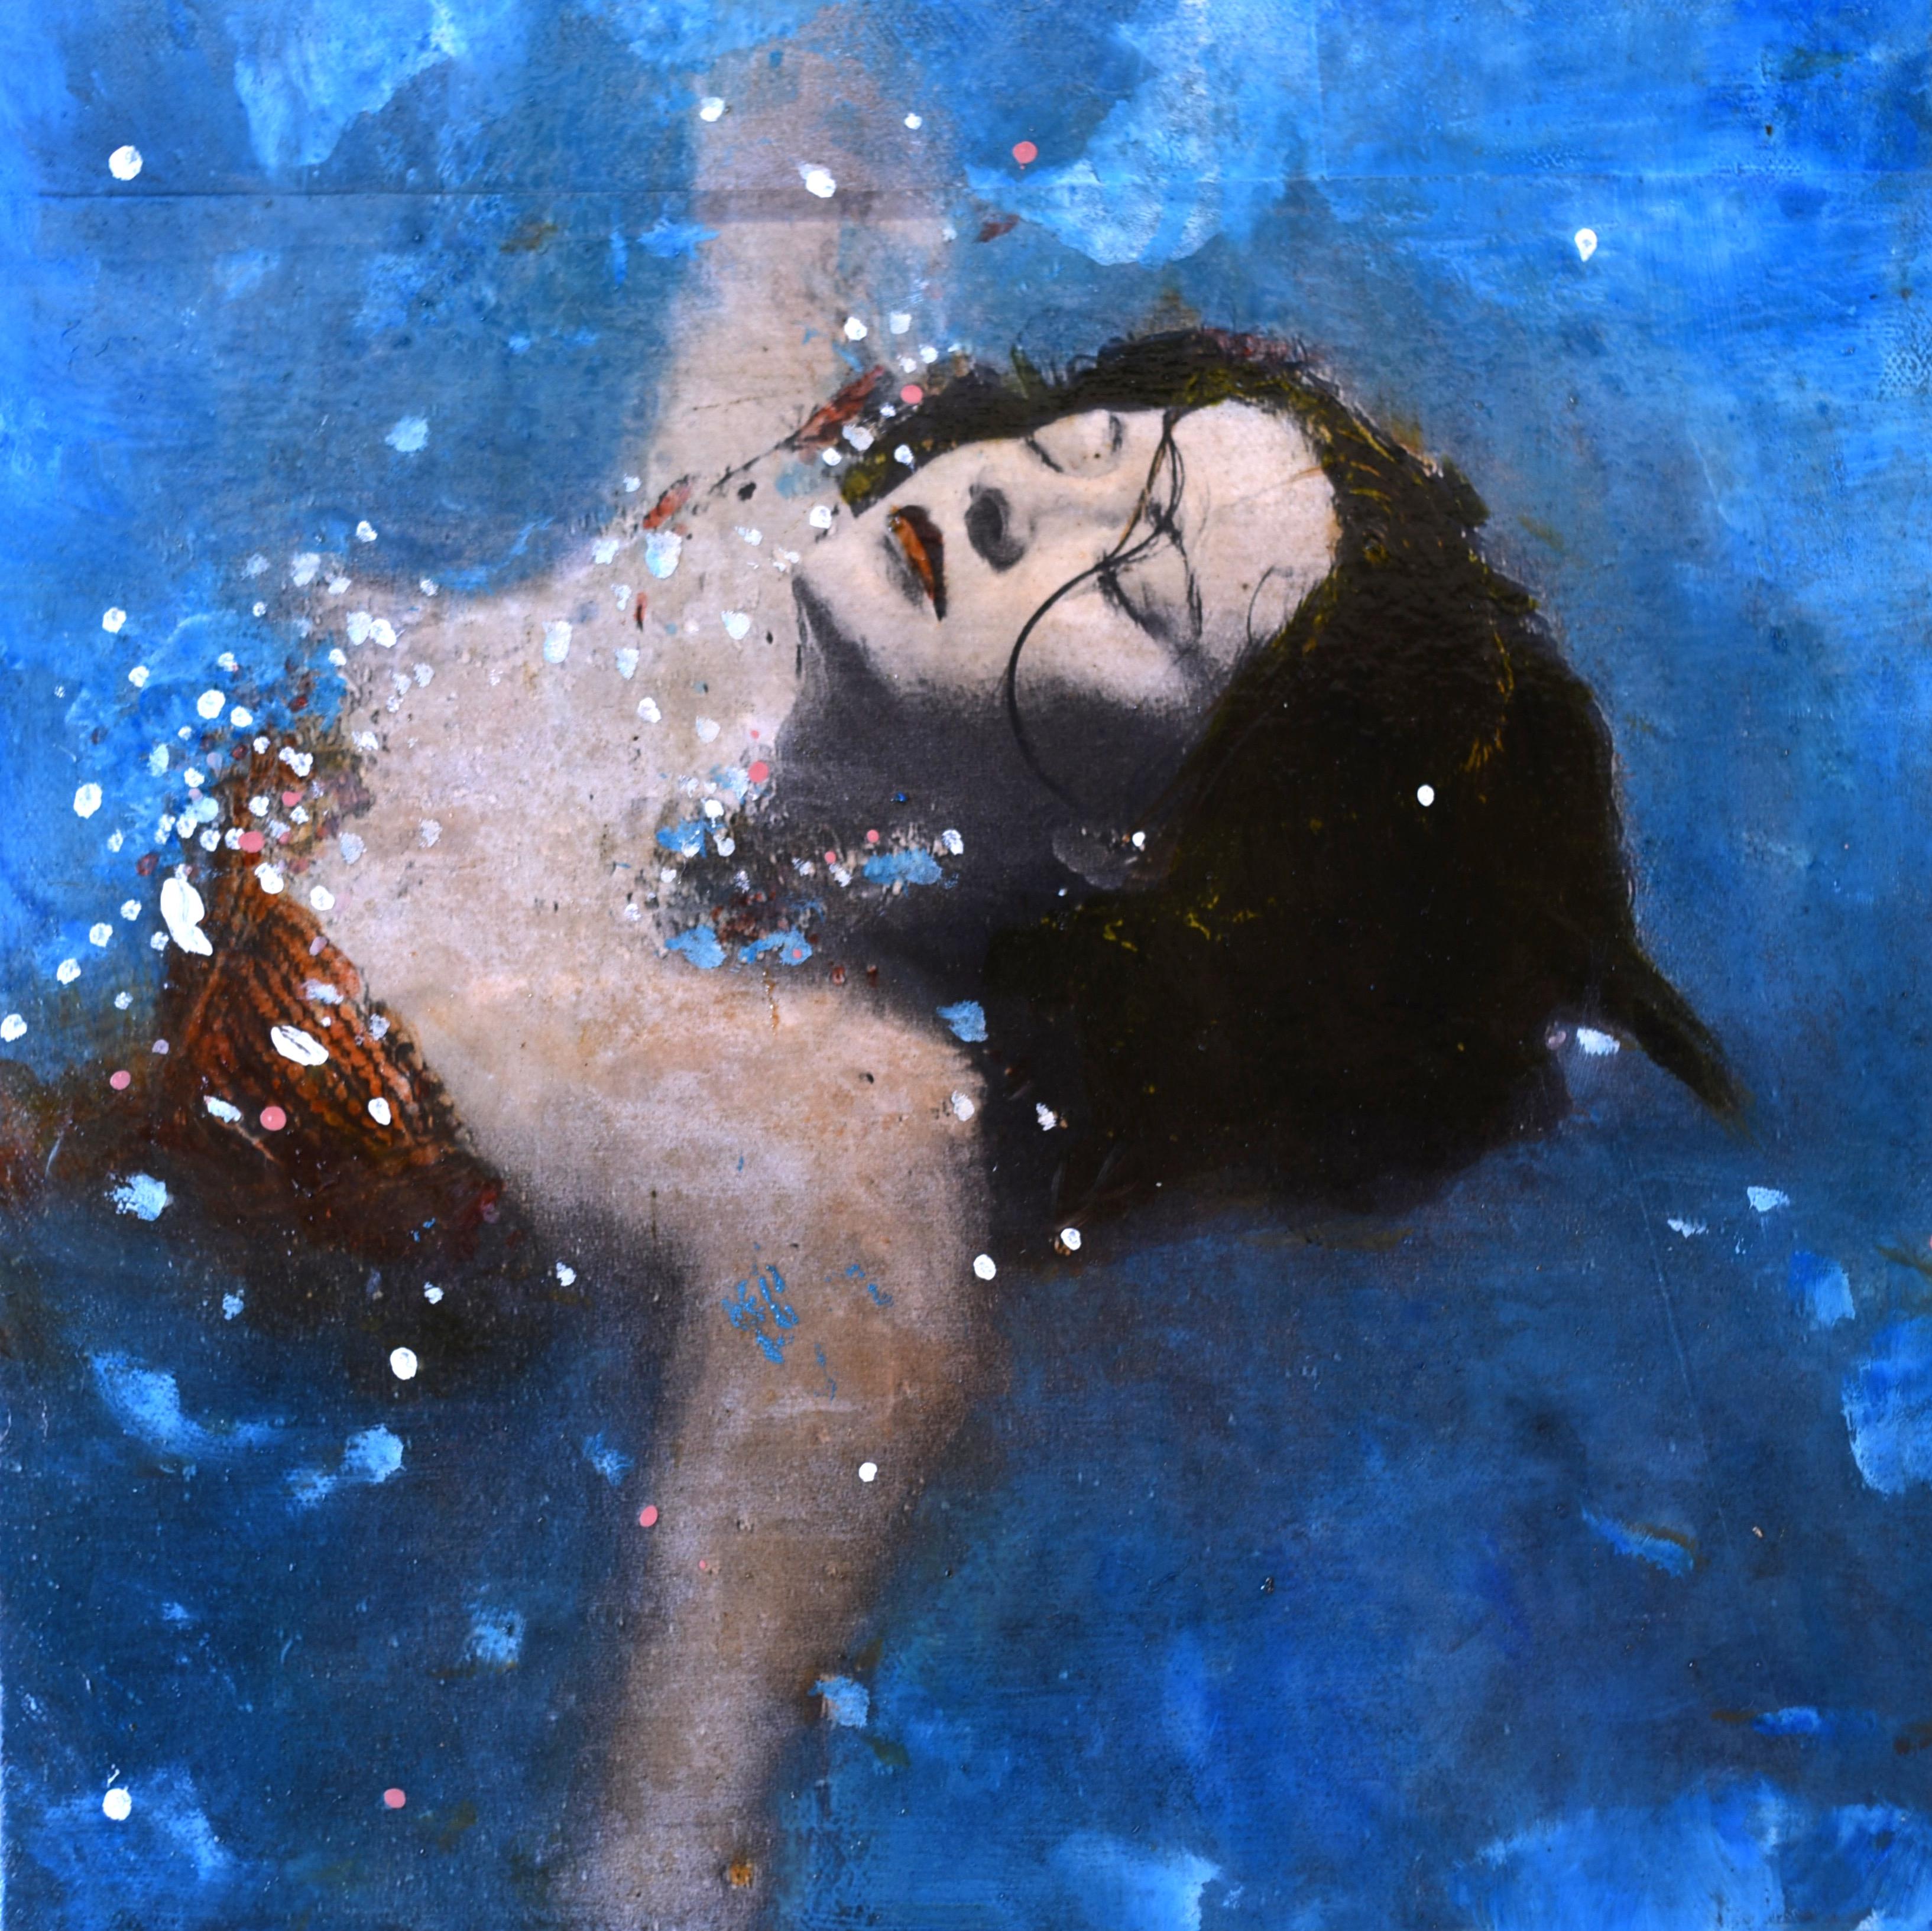 Olukman In the water